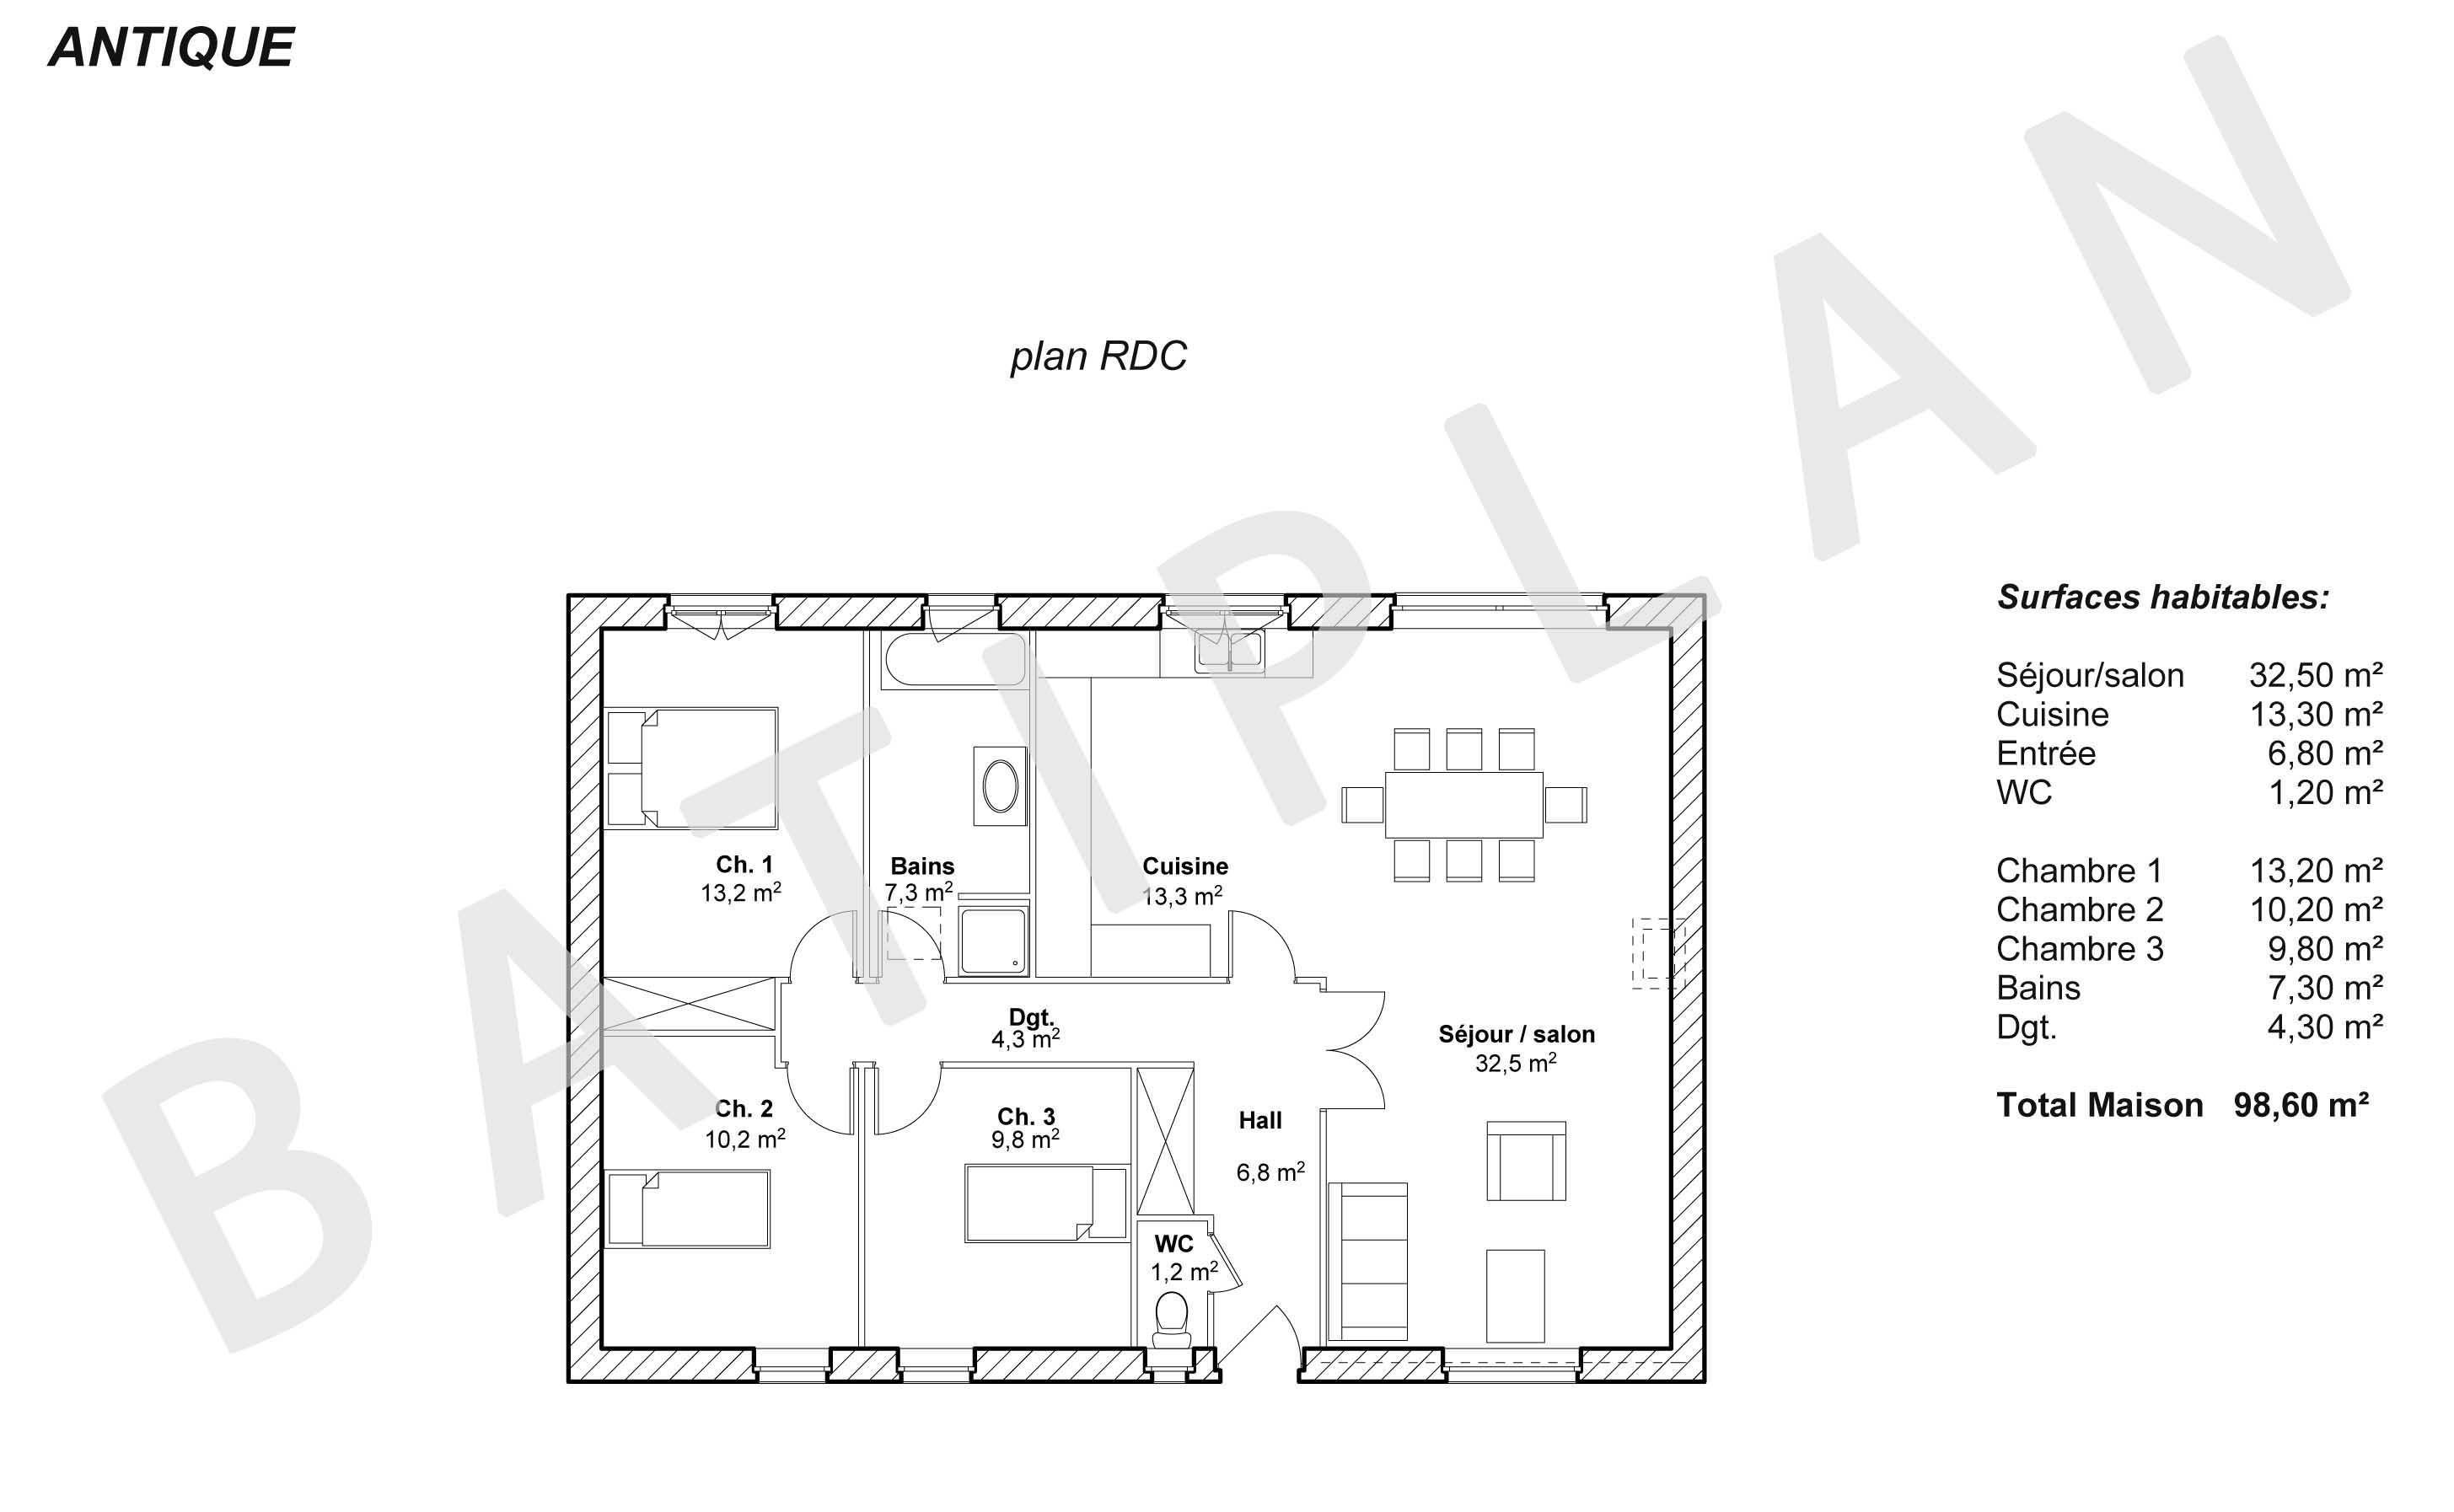 plans et permis de construire notre plan de maison antique. Black Bedroom Furniture Sets. Home Design Ideas